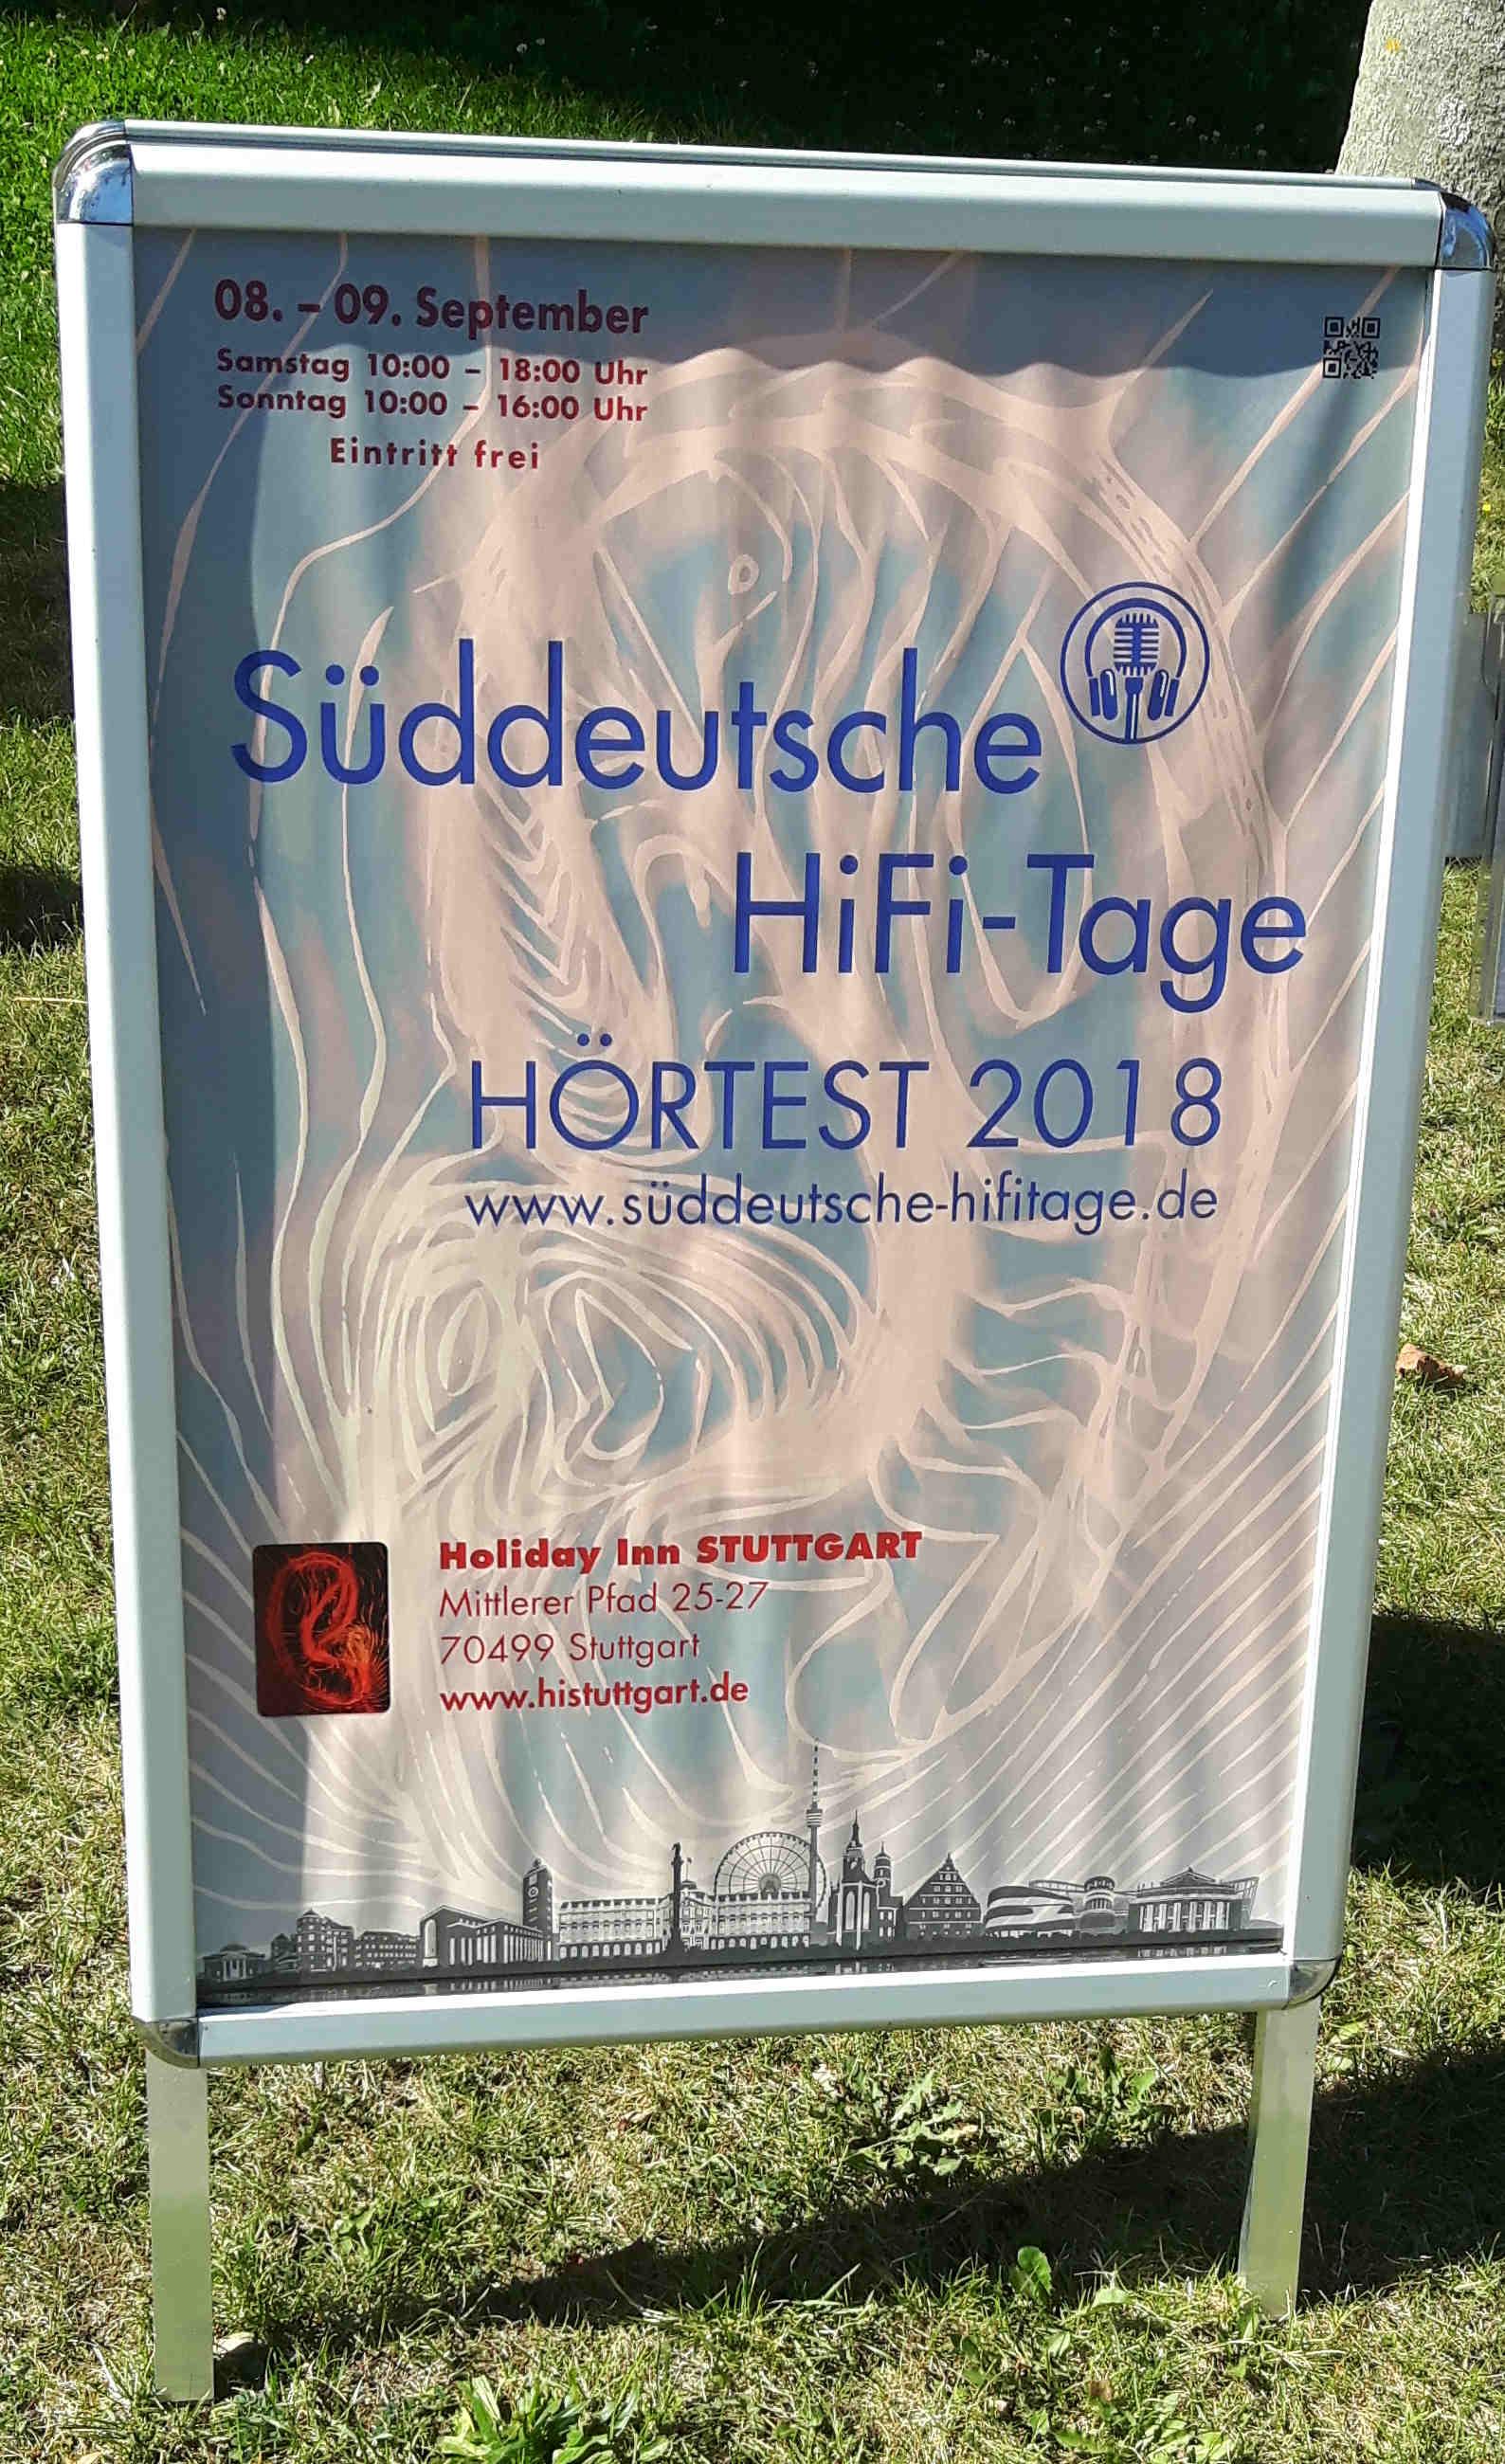 Süddeutsche HiFi-Tage 2018 – Auri Akustik Hört Rein